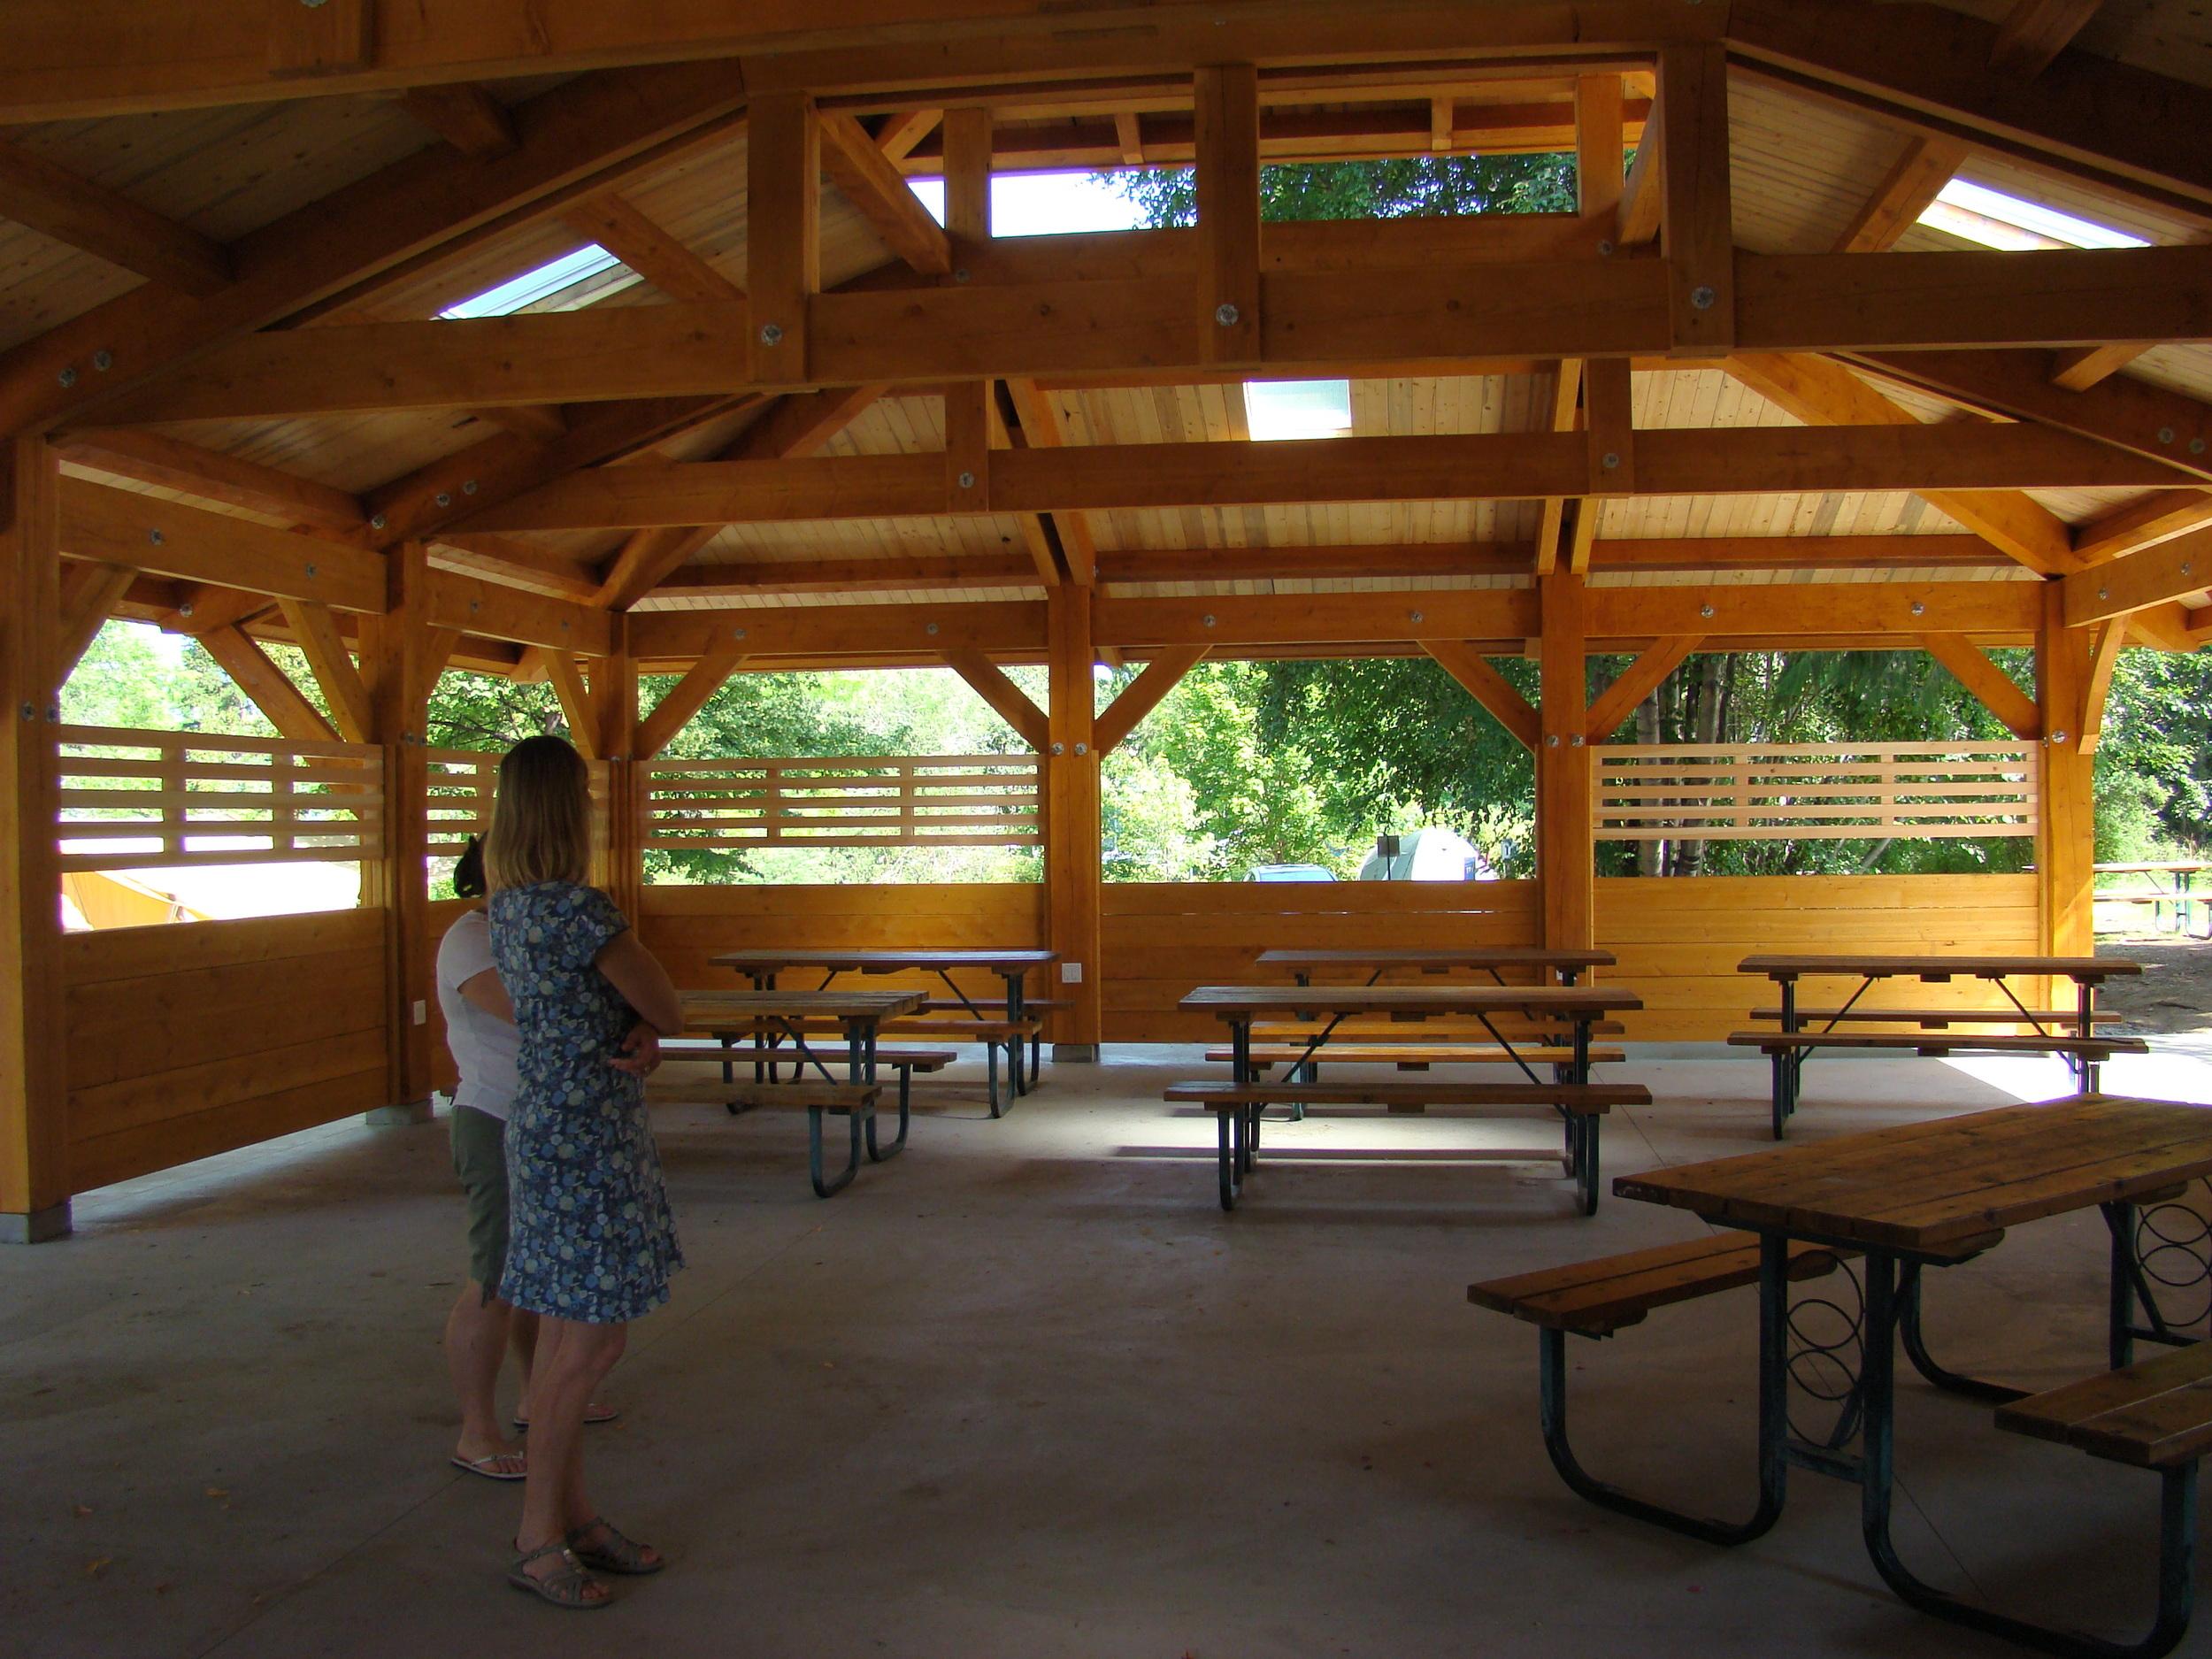 creekside interior summer 2012 DSC07802.jpg